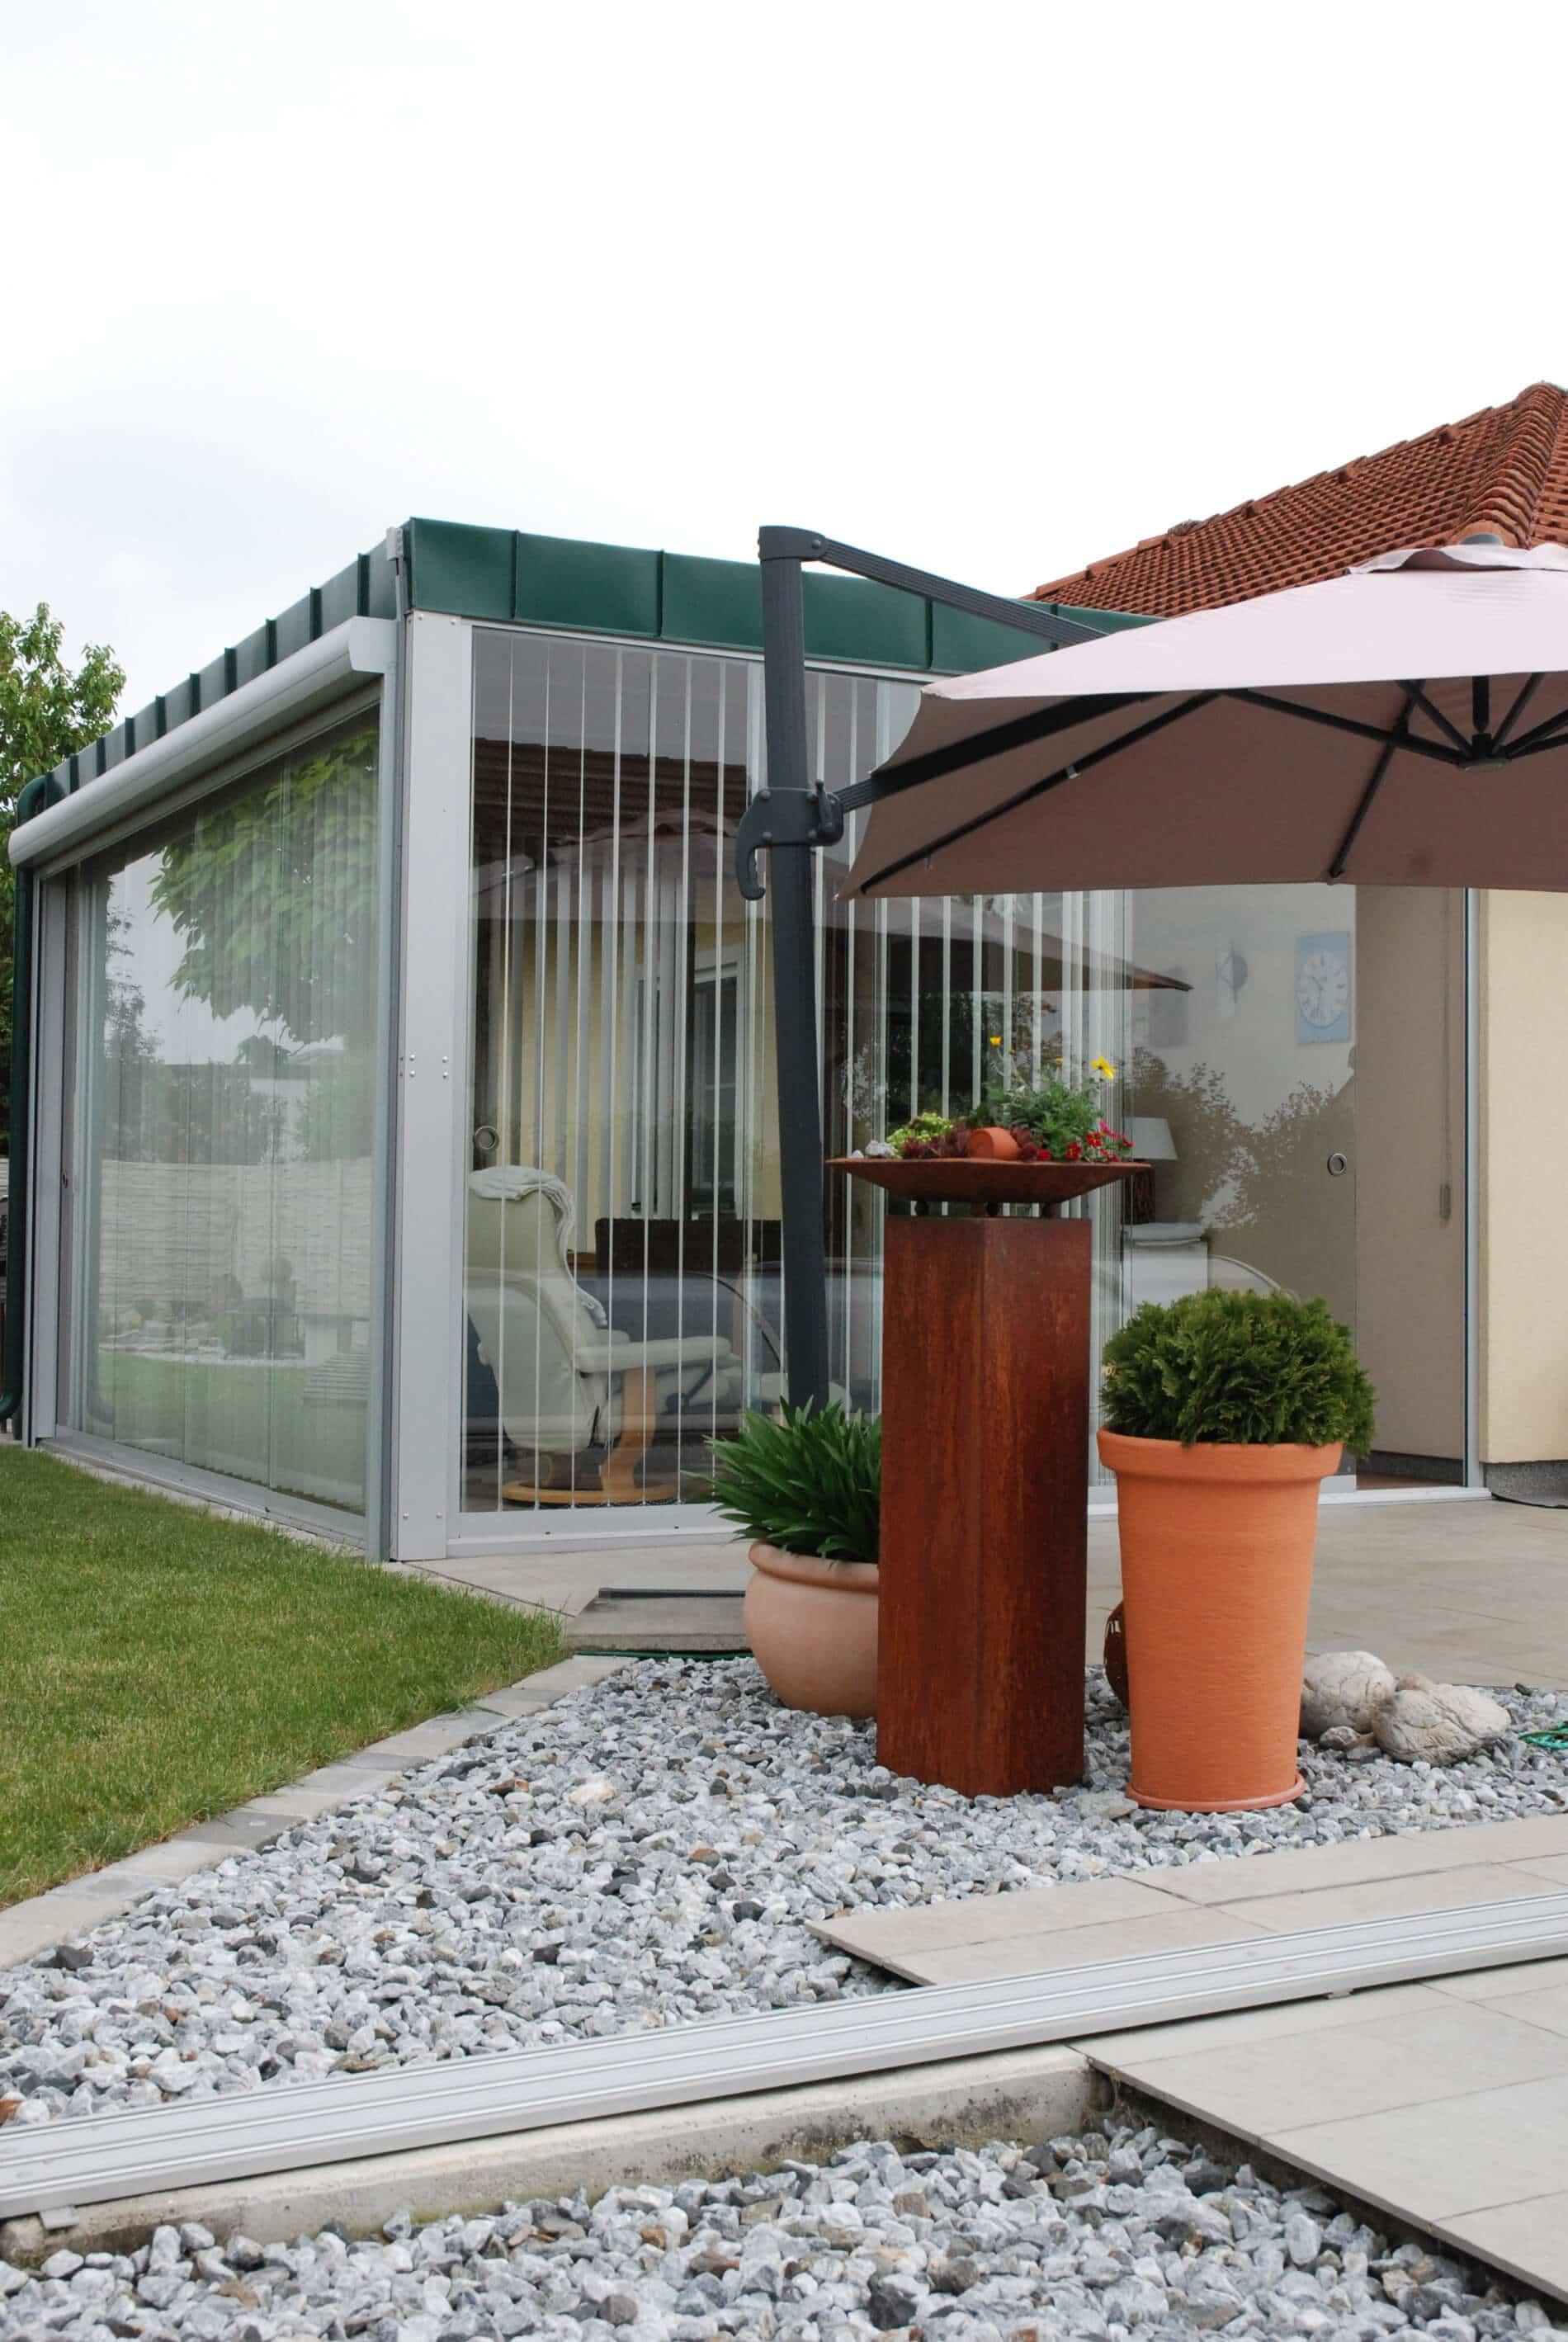 Holz-Aluminium Wintergarten Flachdach und Schiebewänden rahmenlos